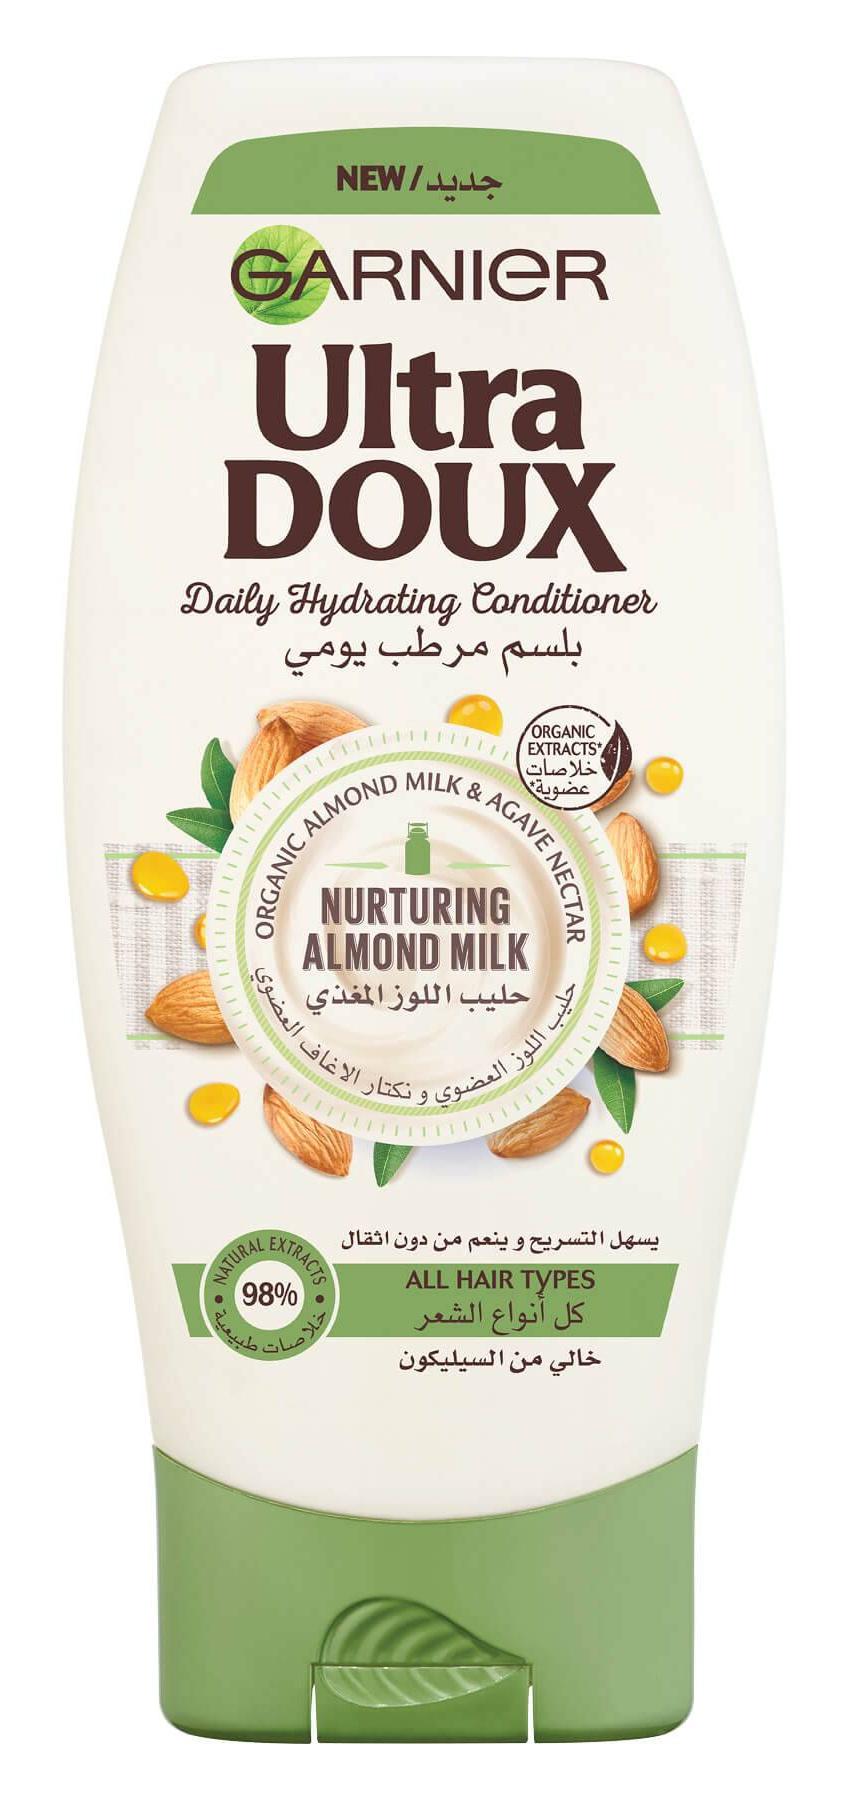 Garnier ultra doux Almond Milk Hydrating Conditioner